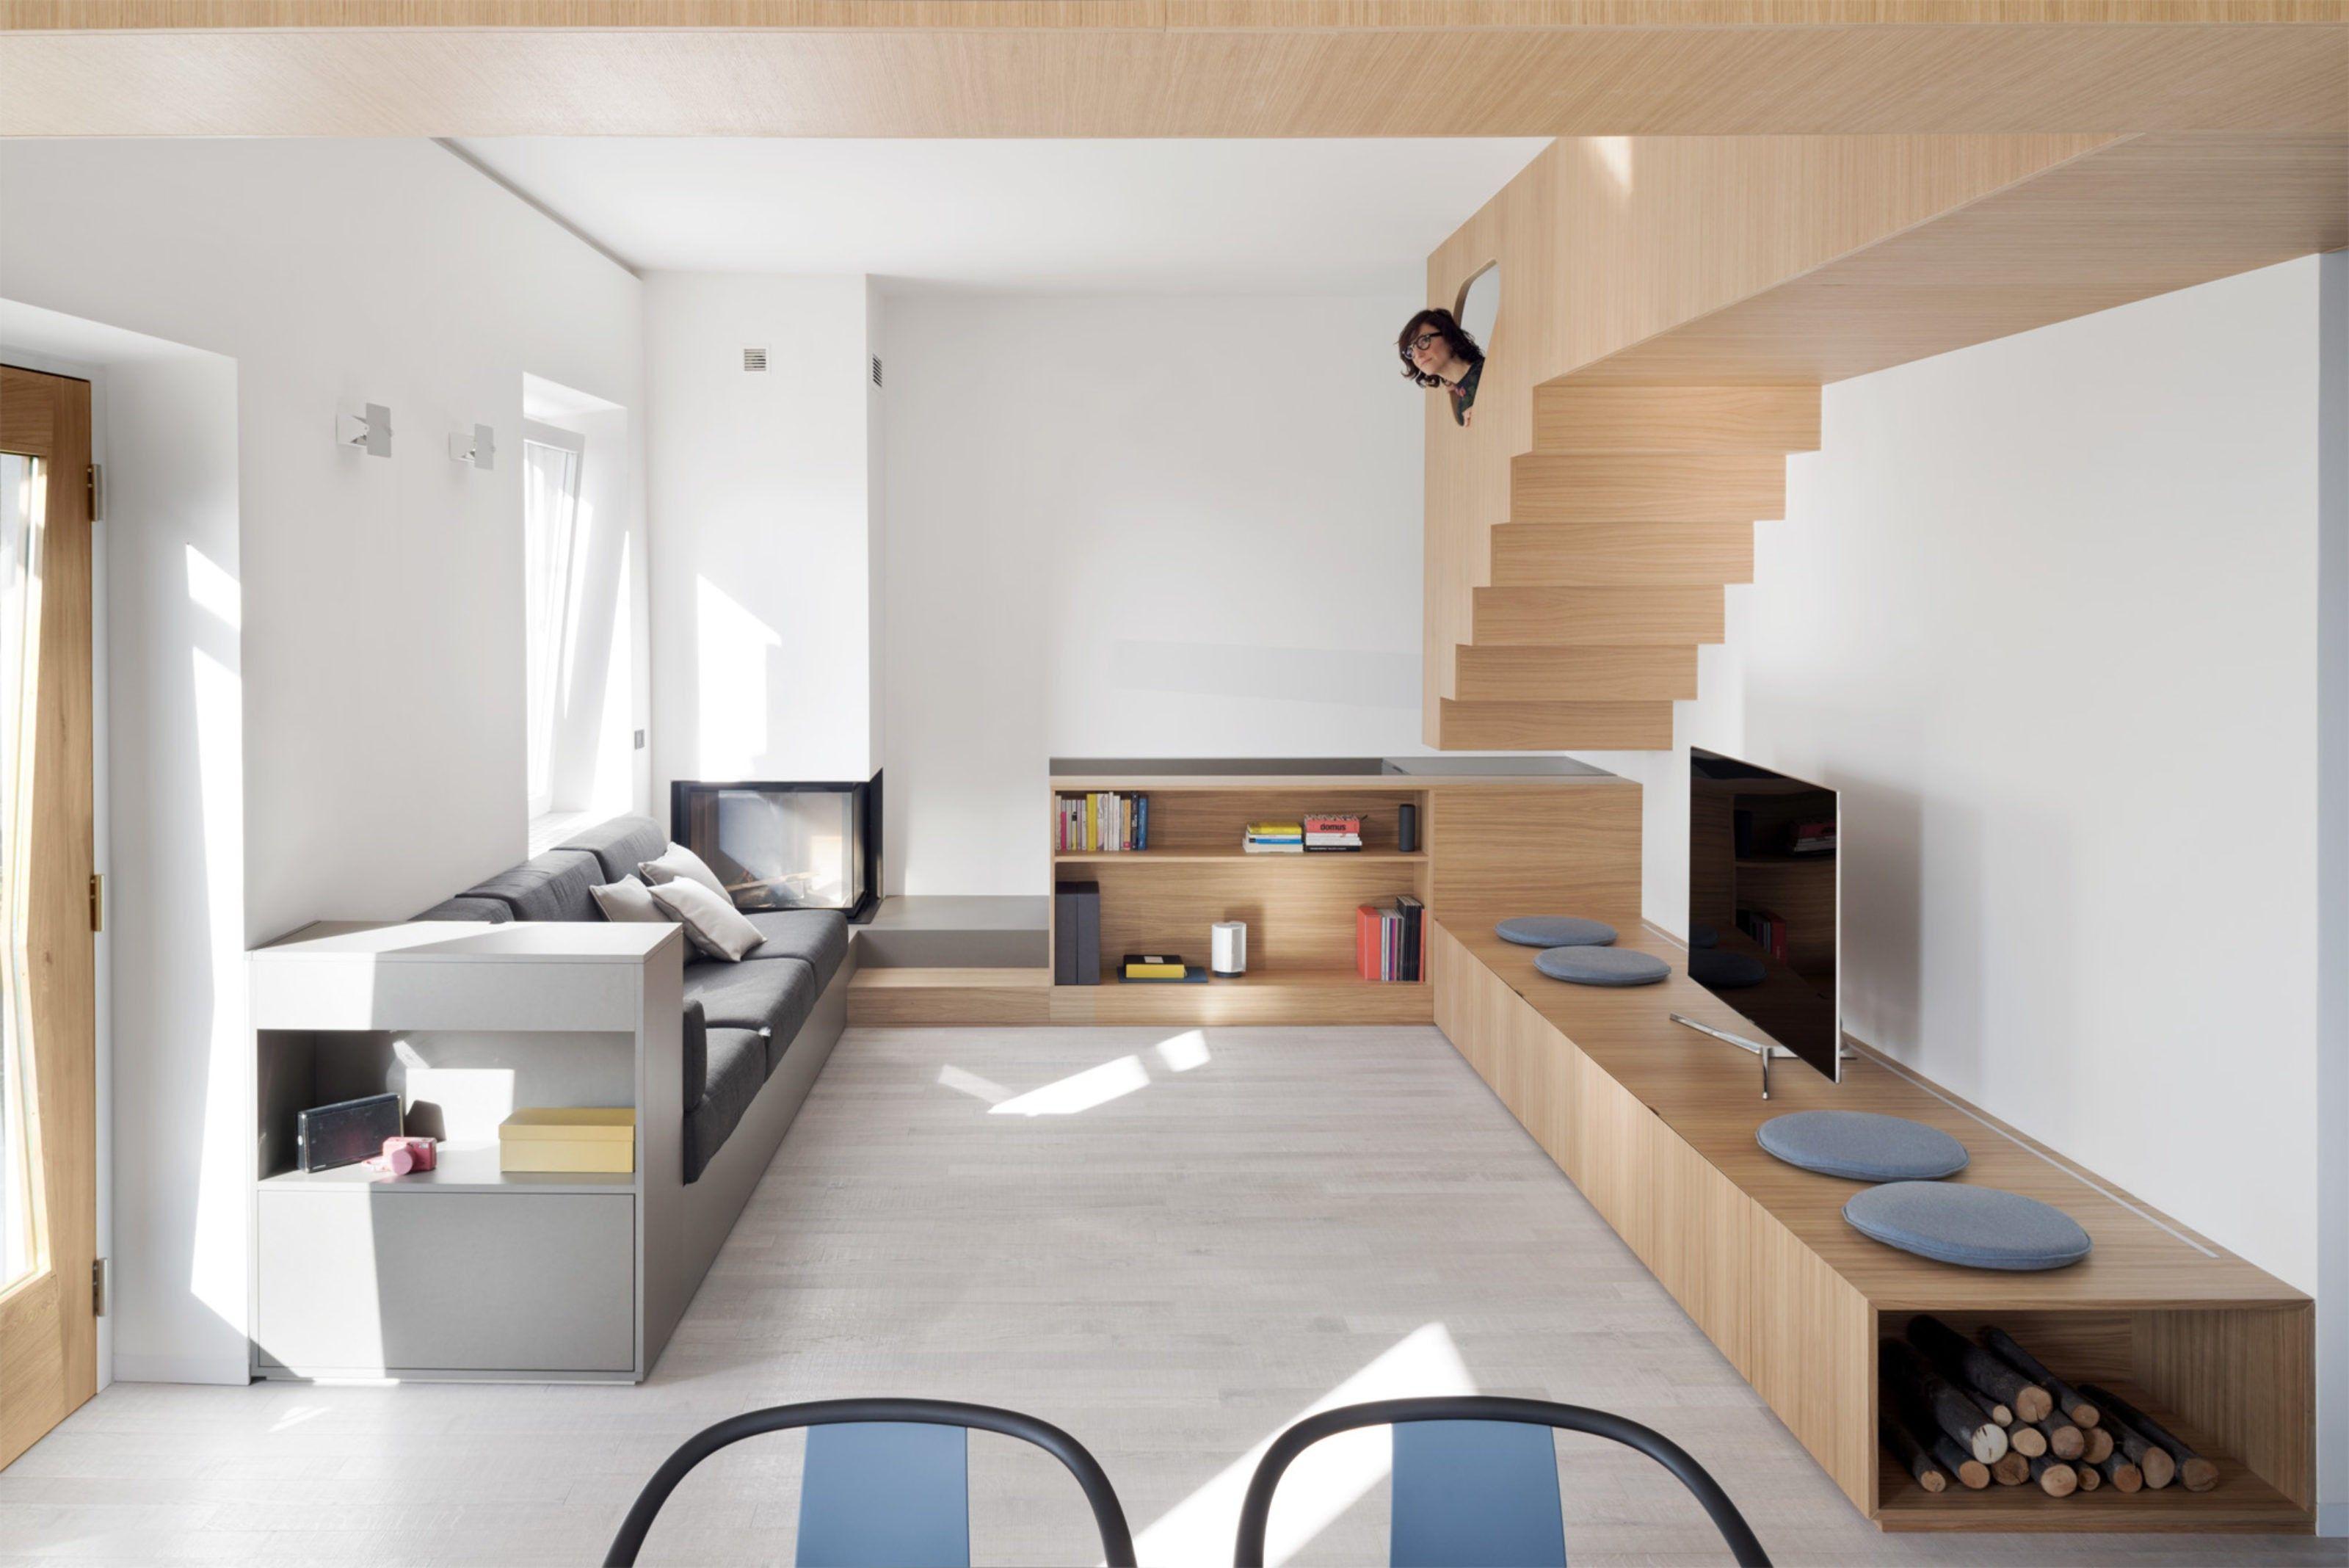 Rénovation d une maison dans la campagne pr¨s de Gªnes en Italie par